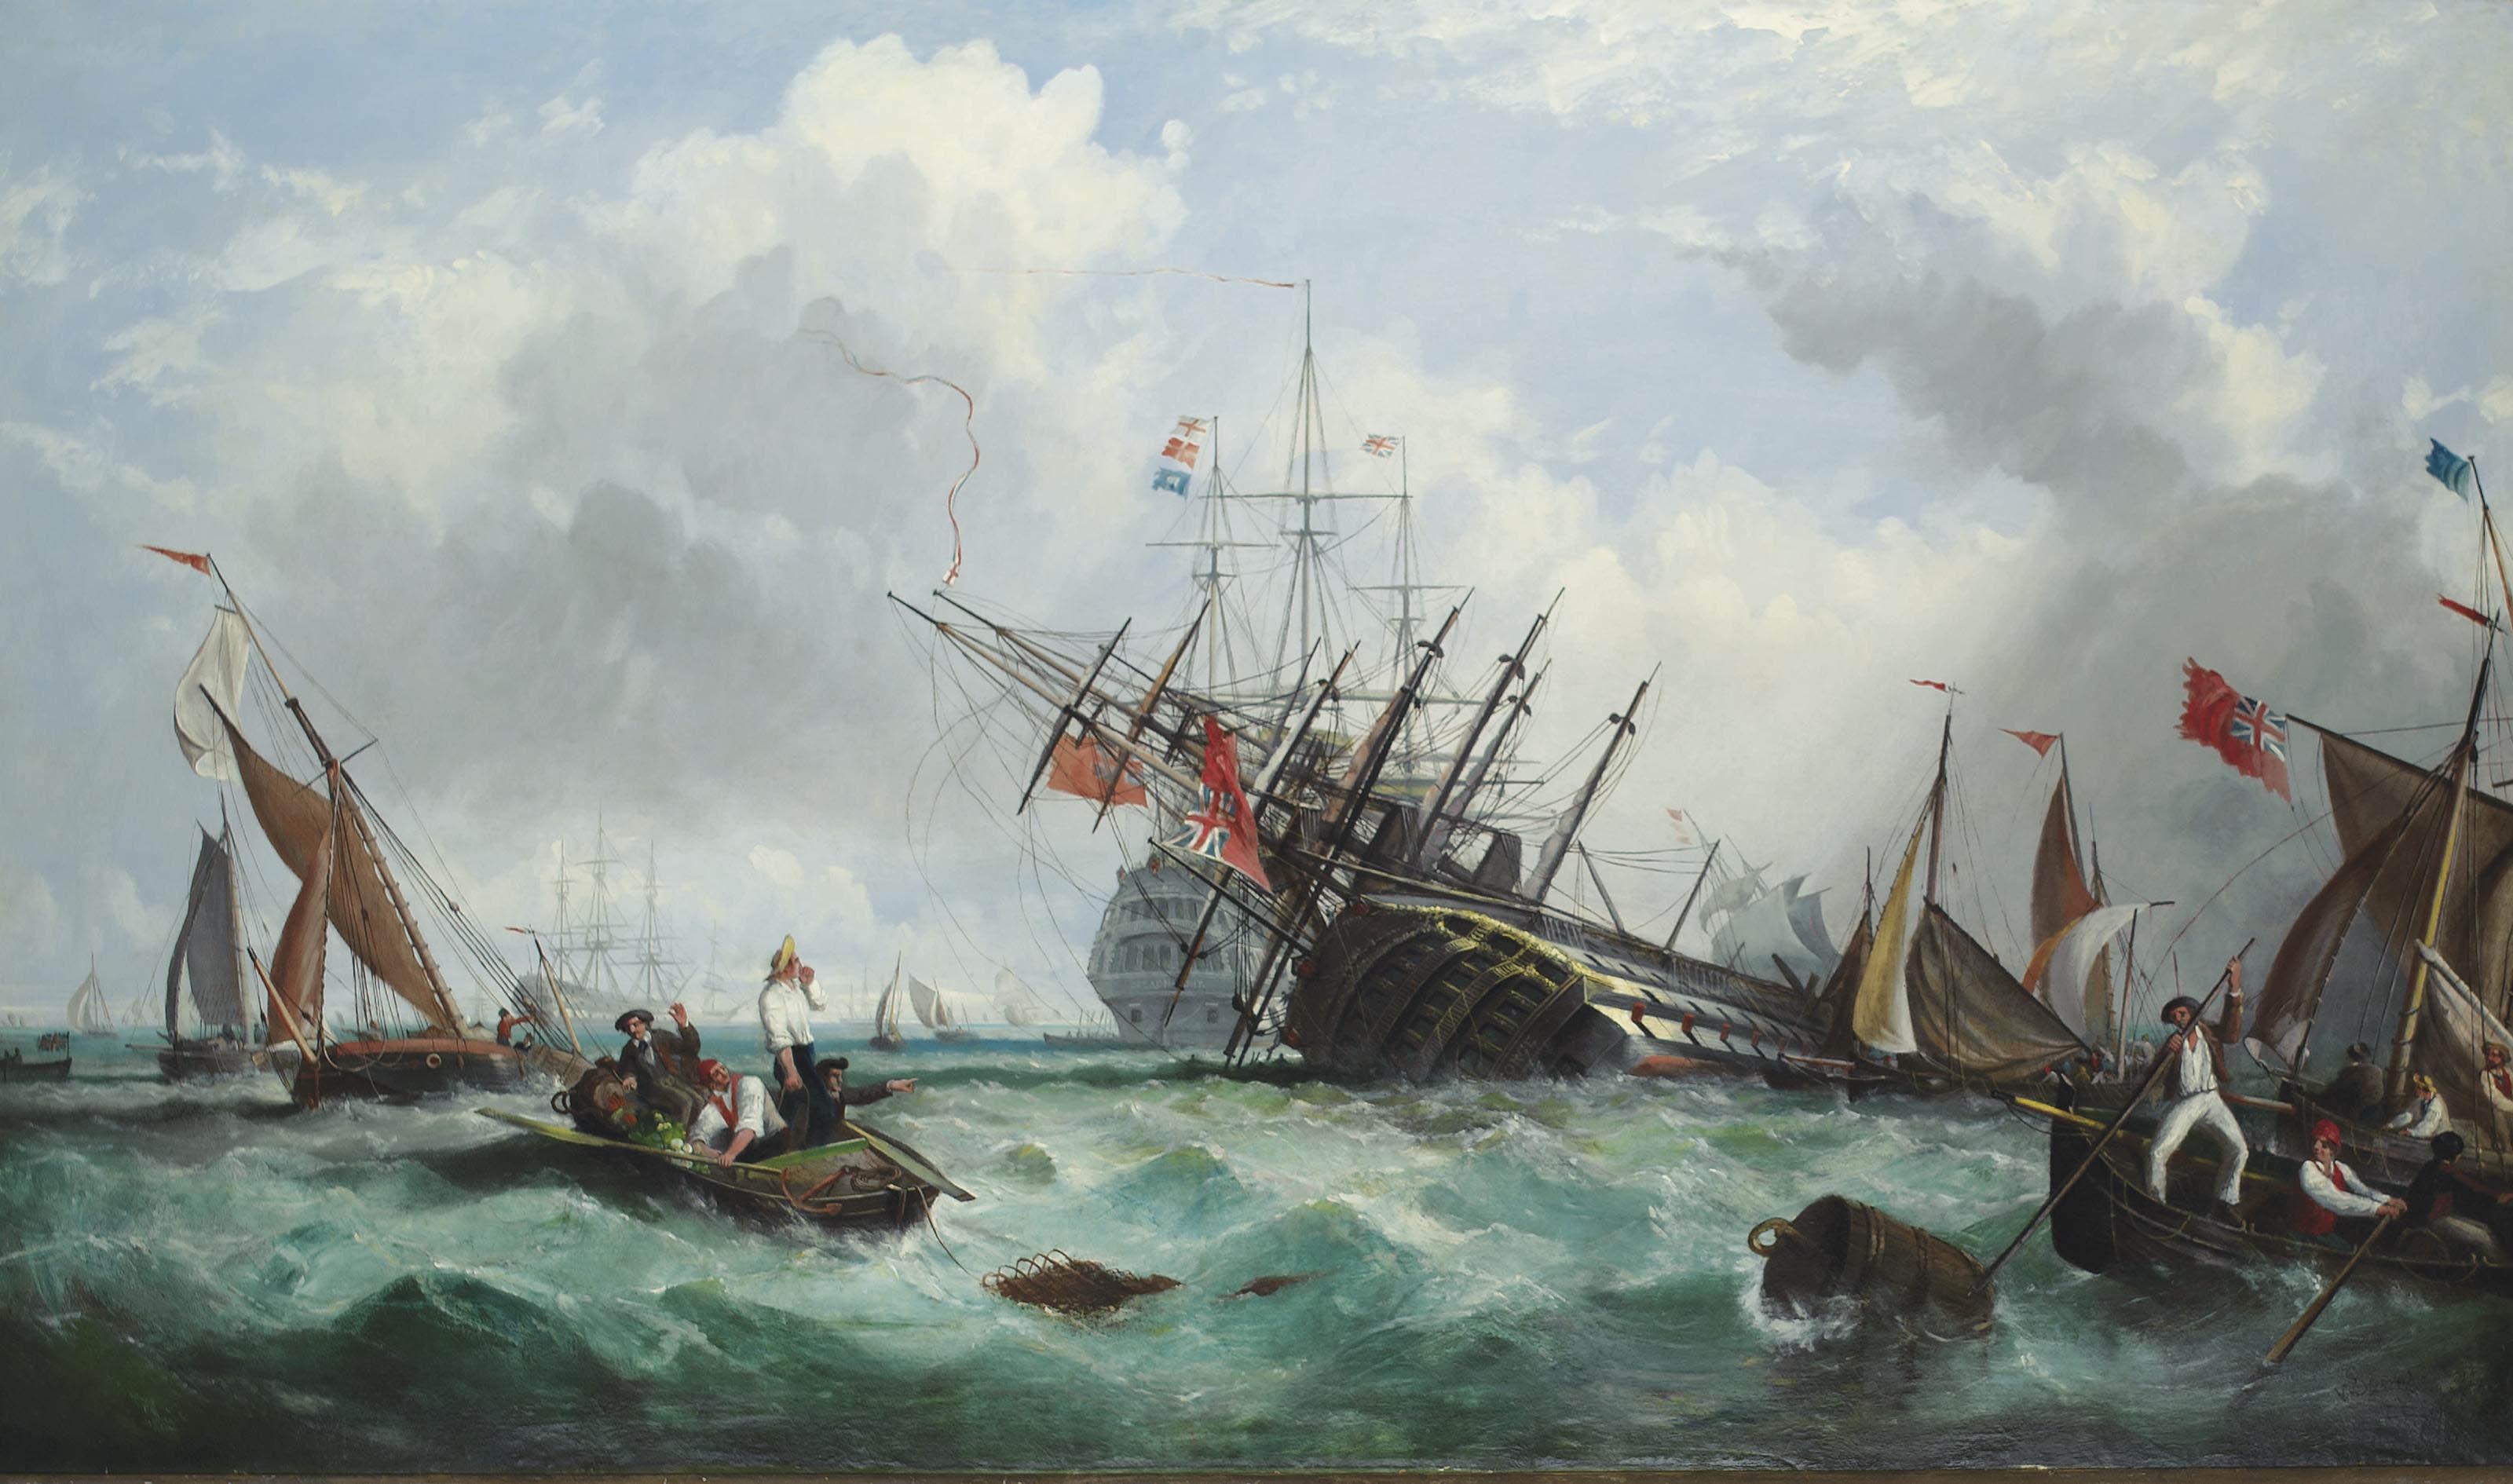 William E.D. Stuart (fl. mid-1